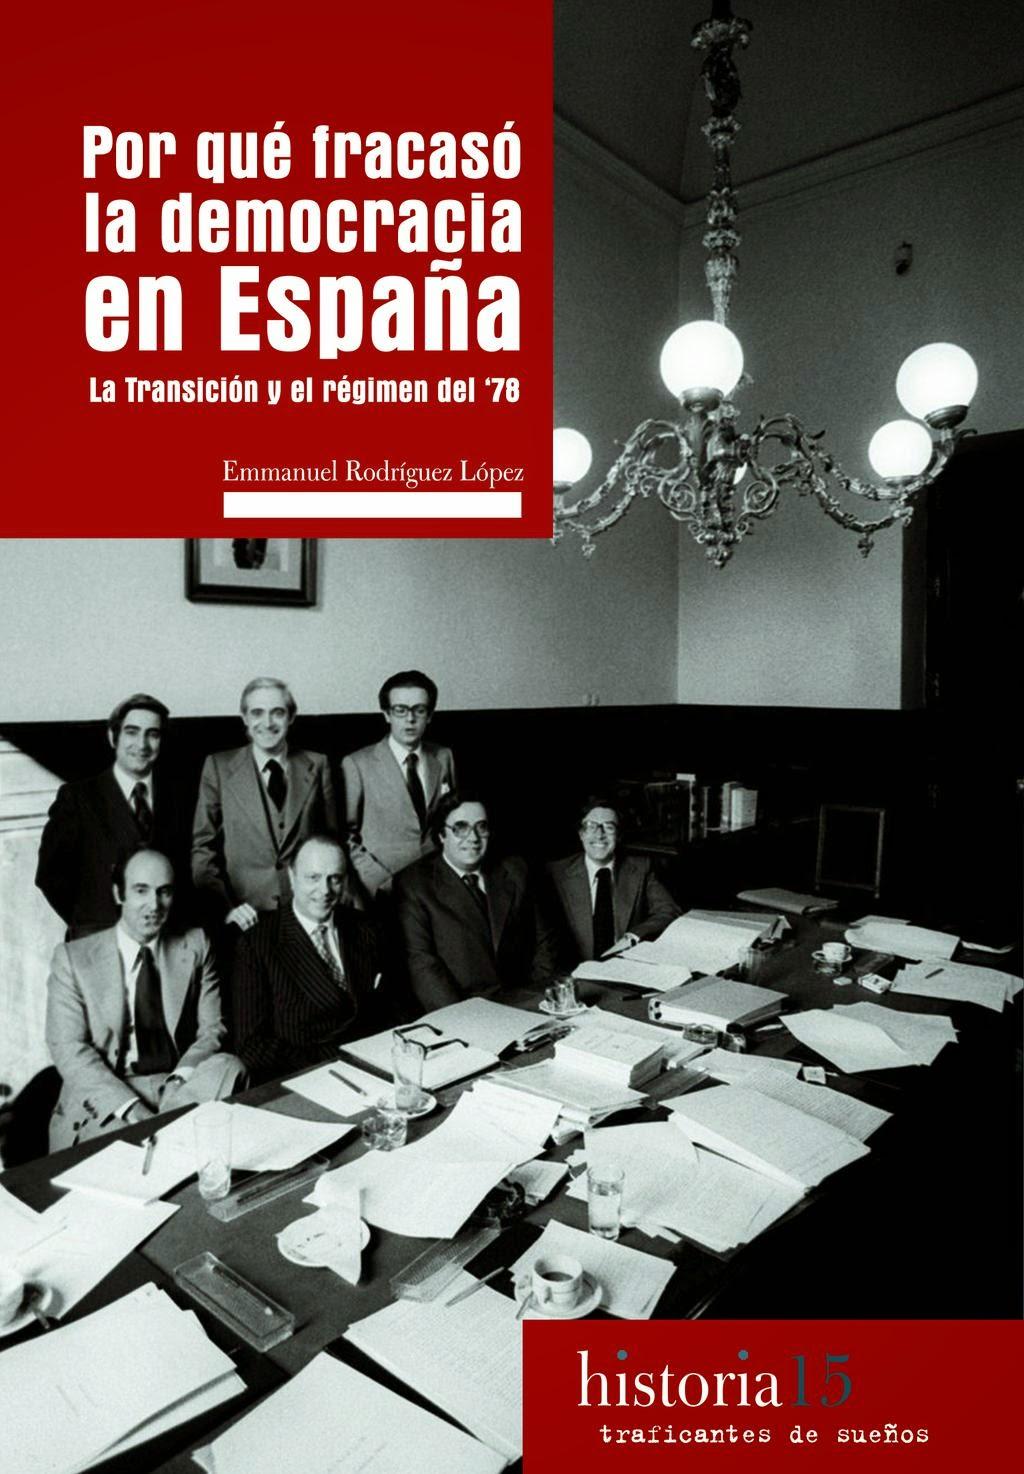 ¿Por qué fracasó la democracia en España?